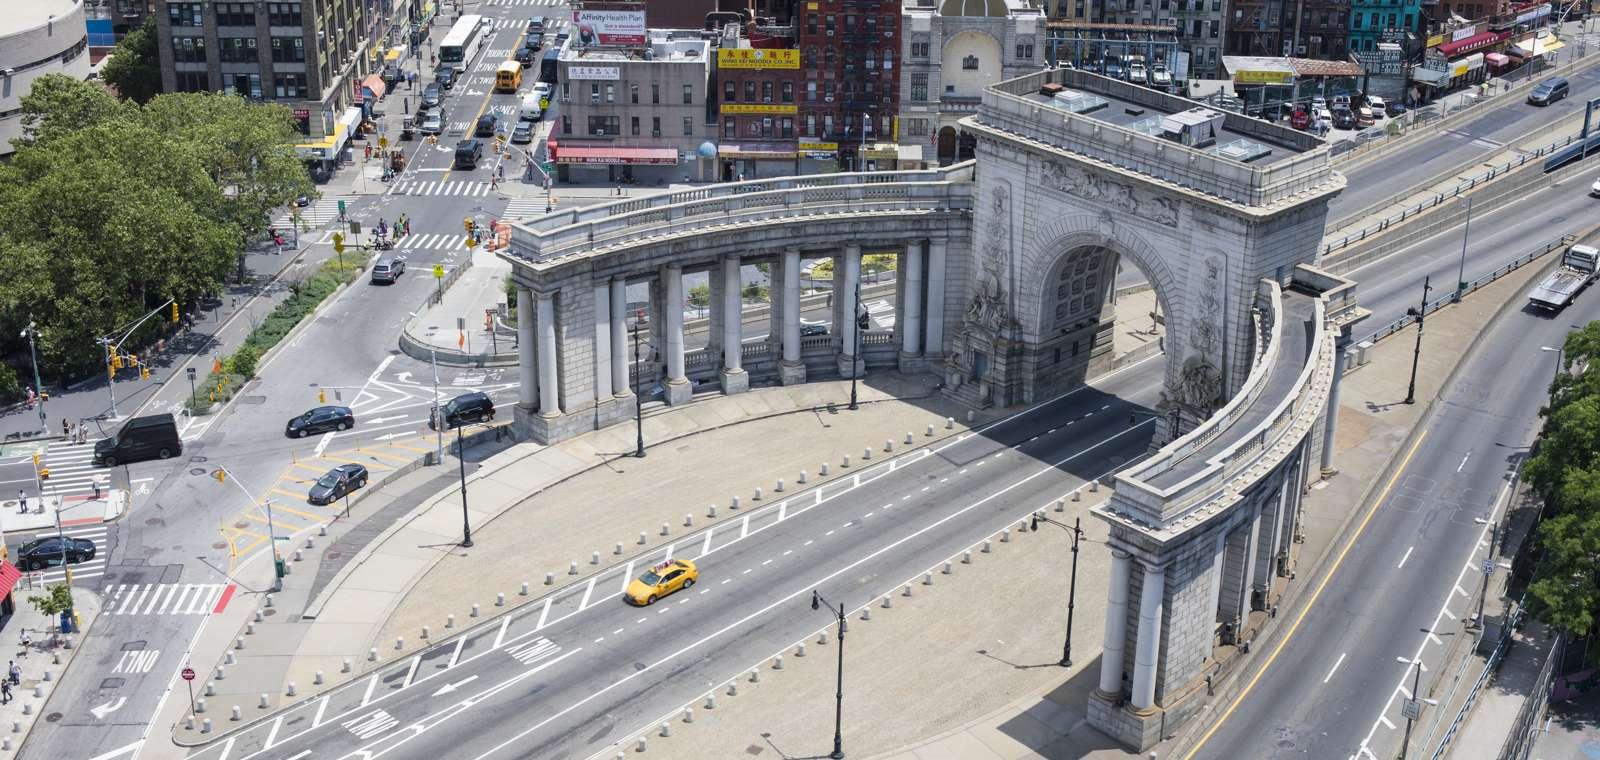 Manhattan Bridge Arch and Colonnade